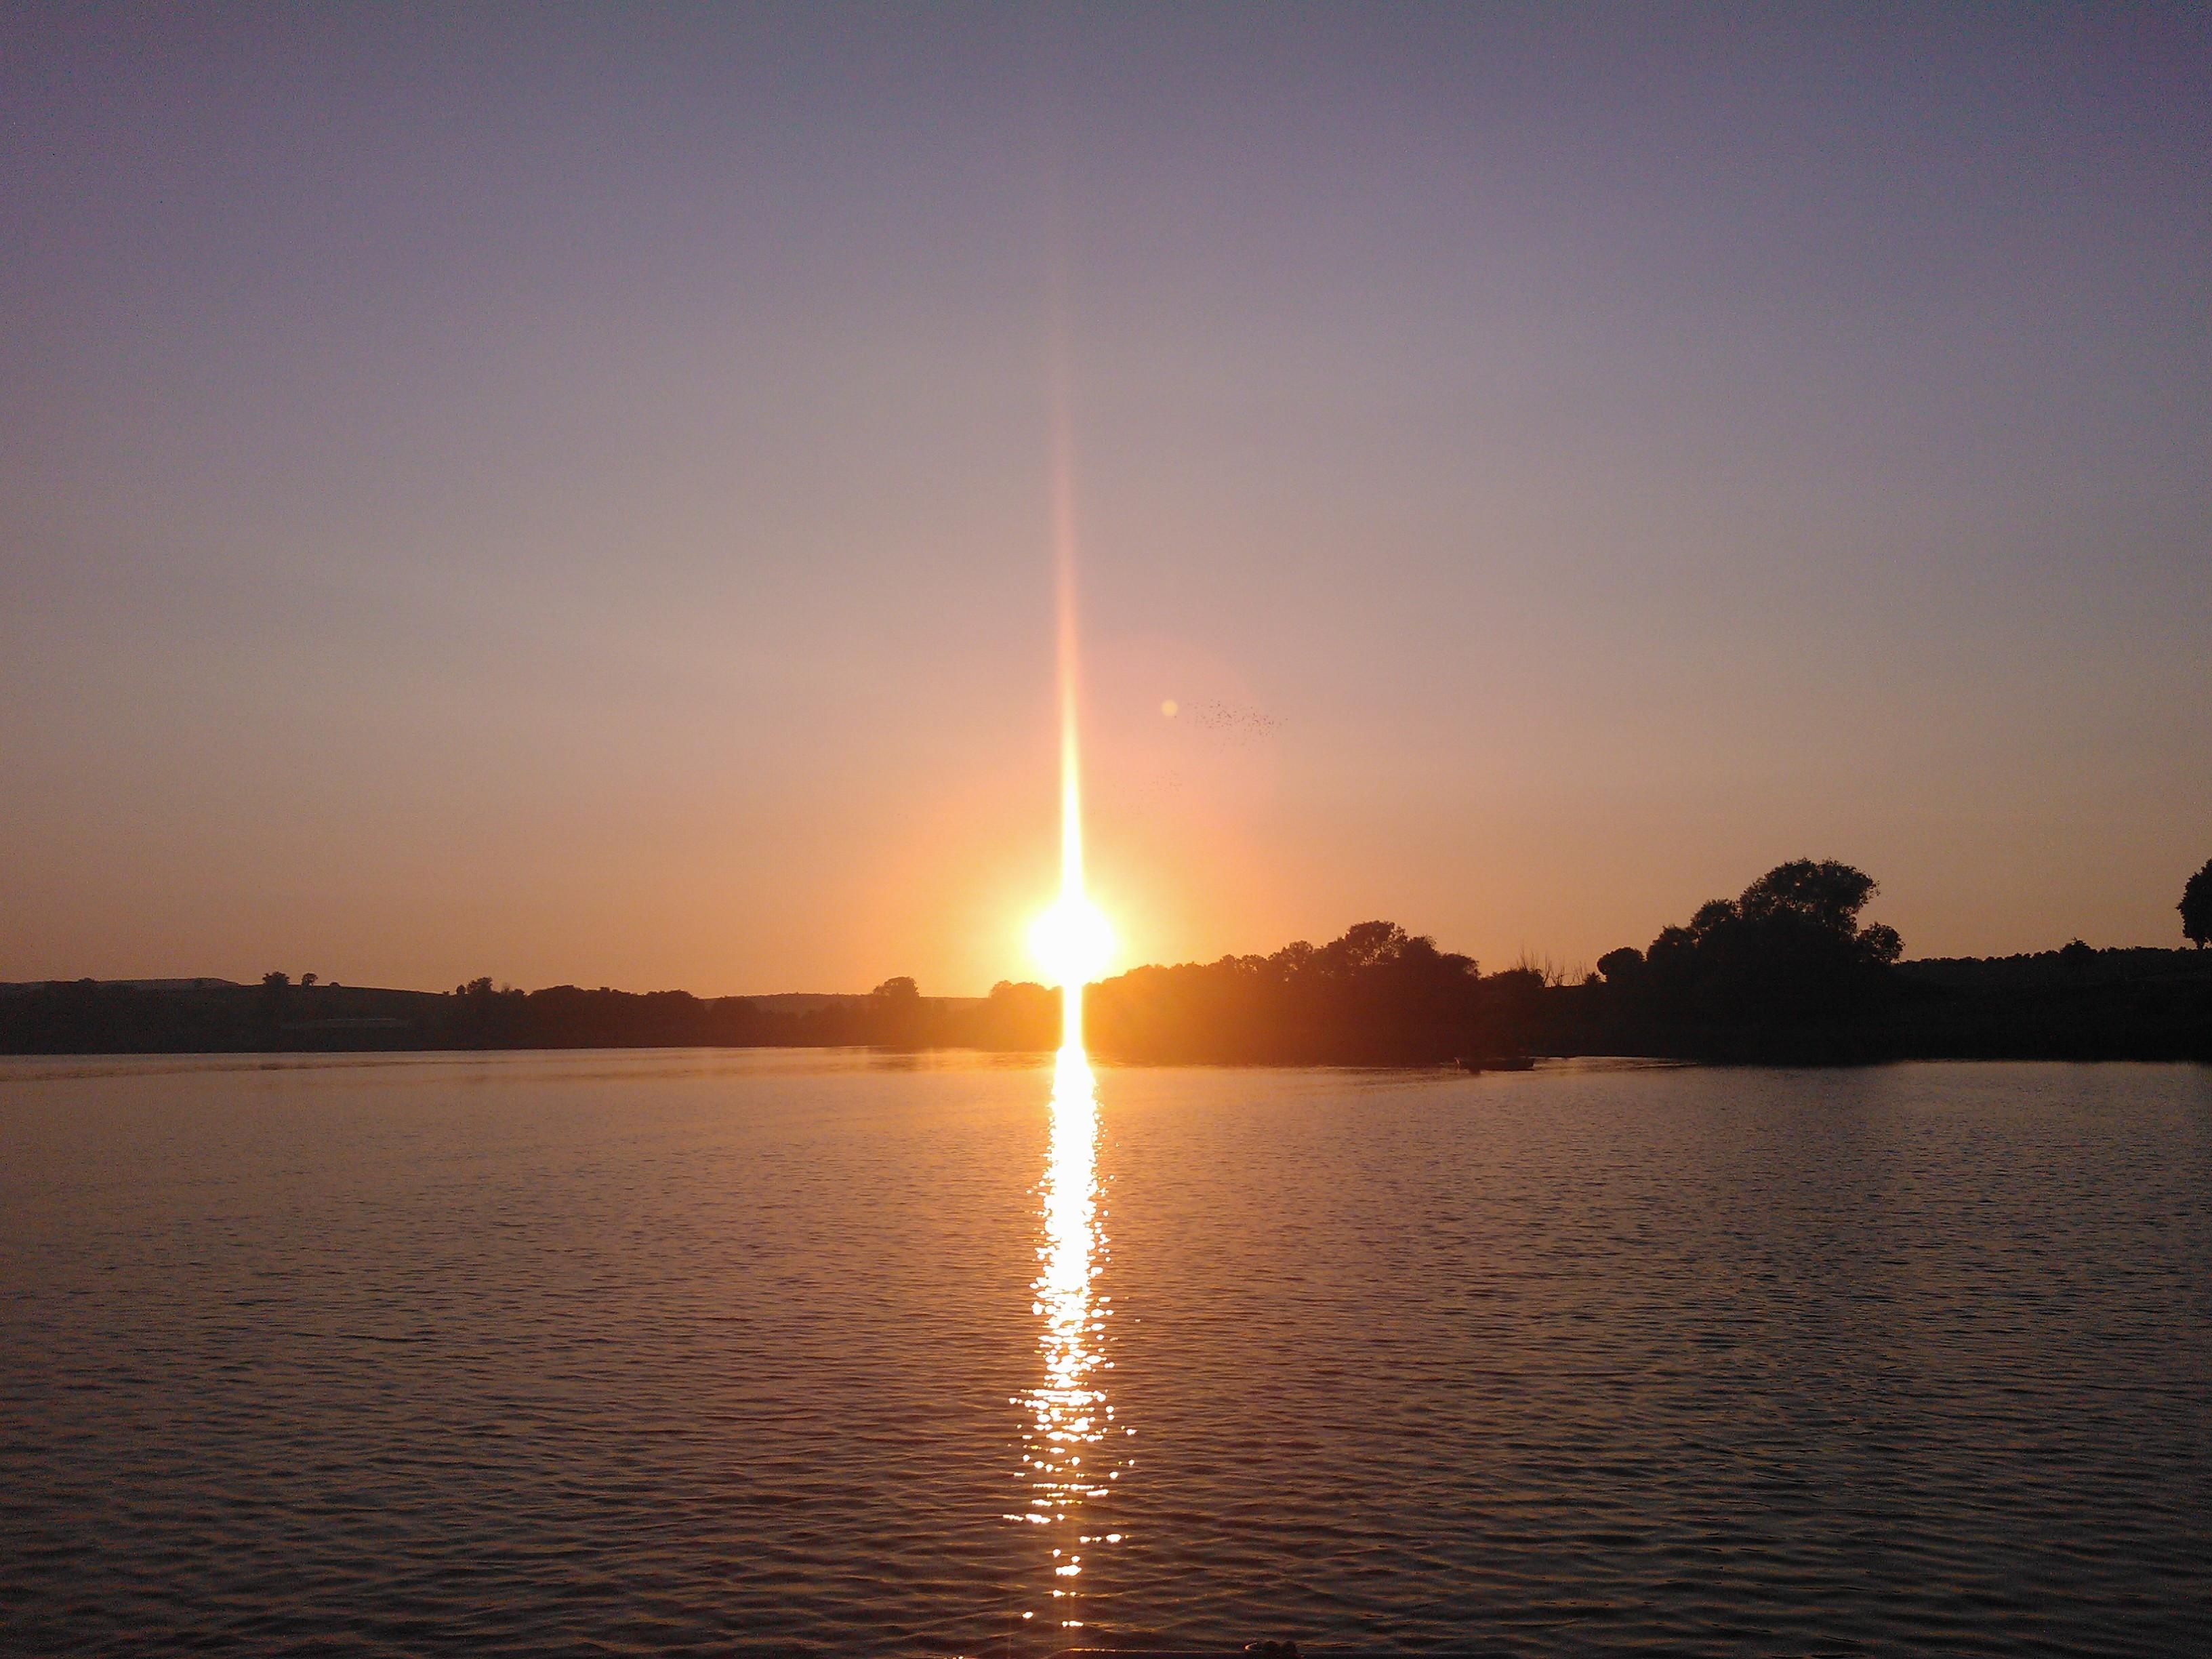 Der Seeburger See bei Sonnenuntergang.